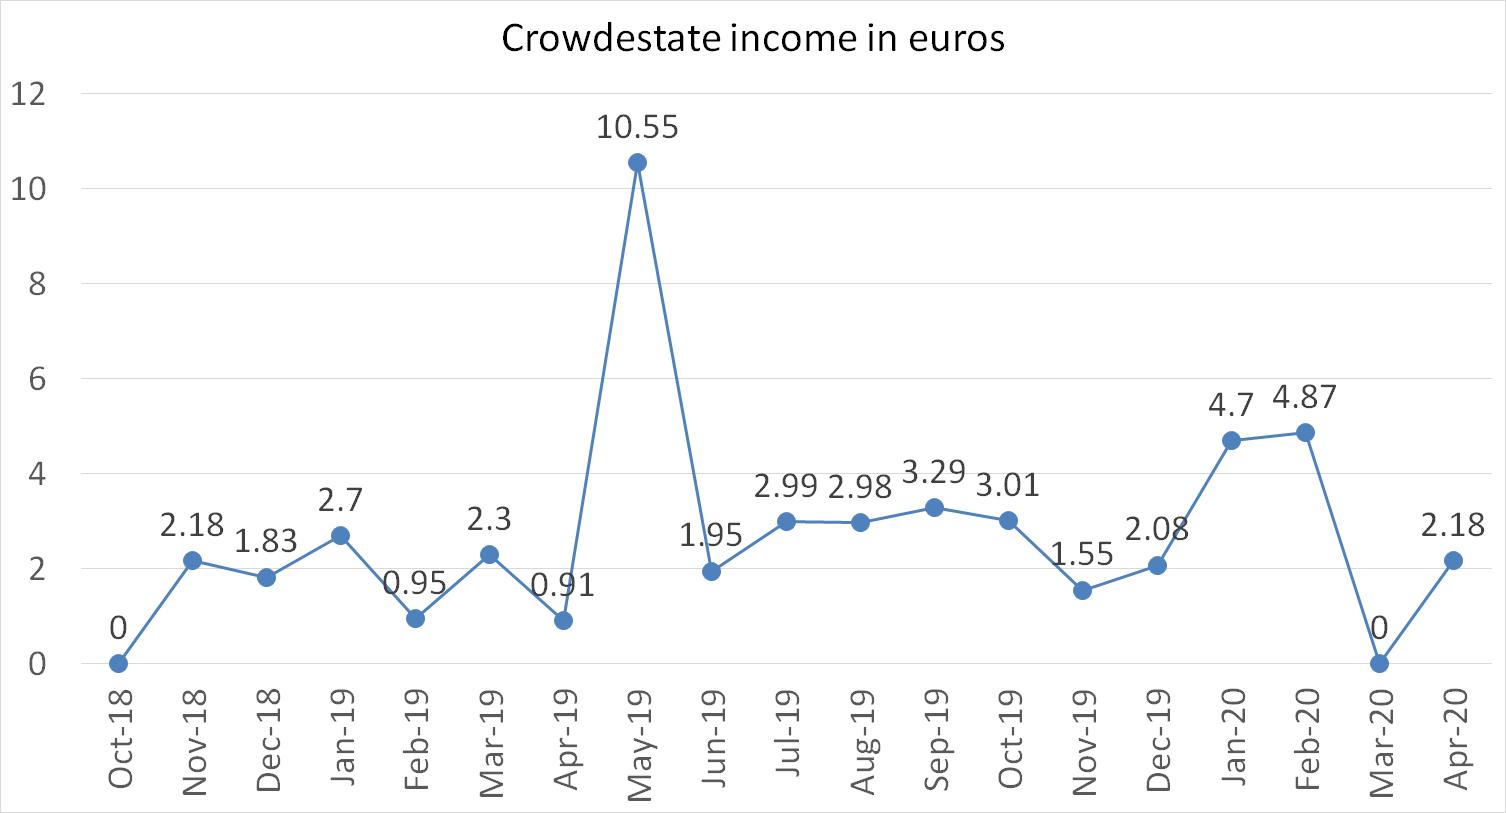 Crowdestate income in euros april 2002